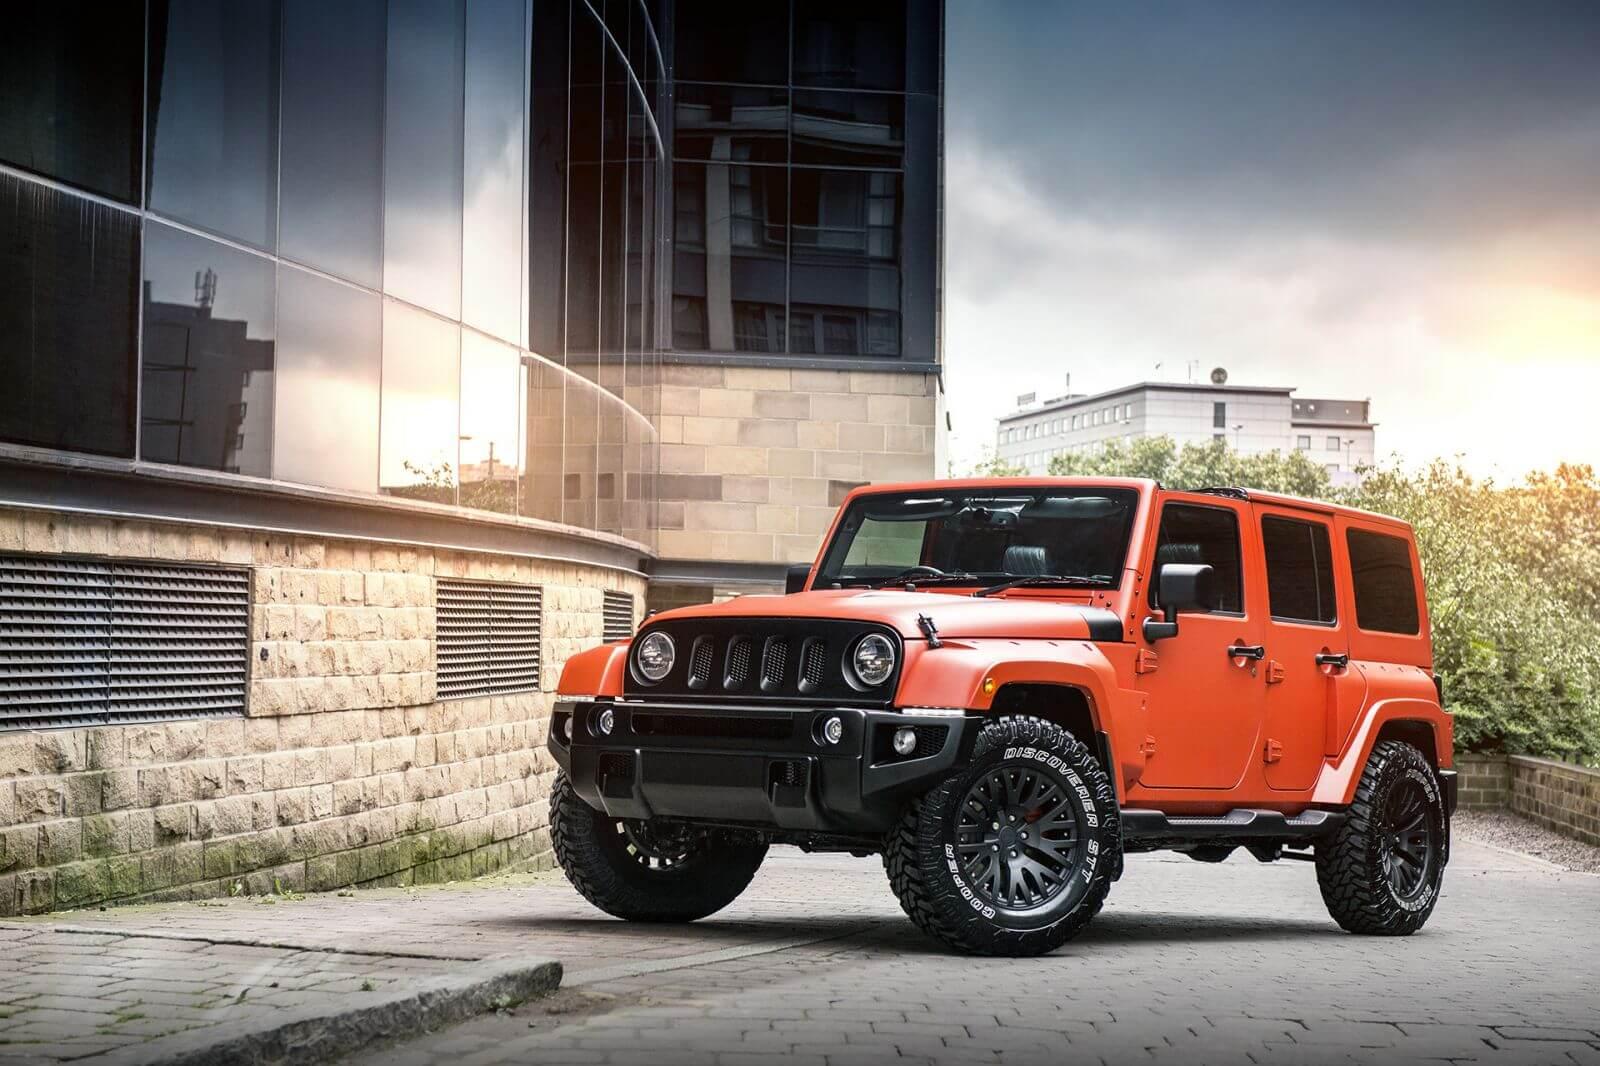 Chelsea-Truck-Co-Orange-Cooper-Discoverer-STT-1.jpg